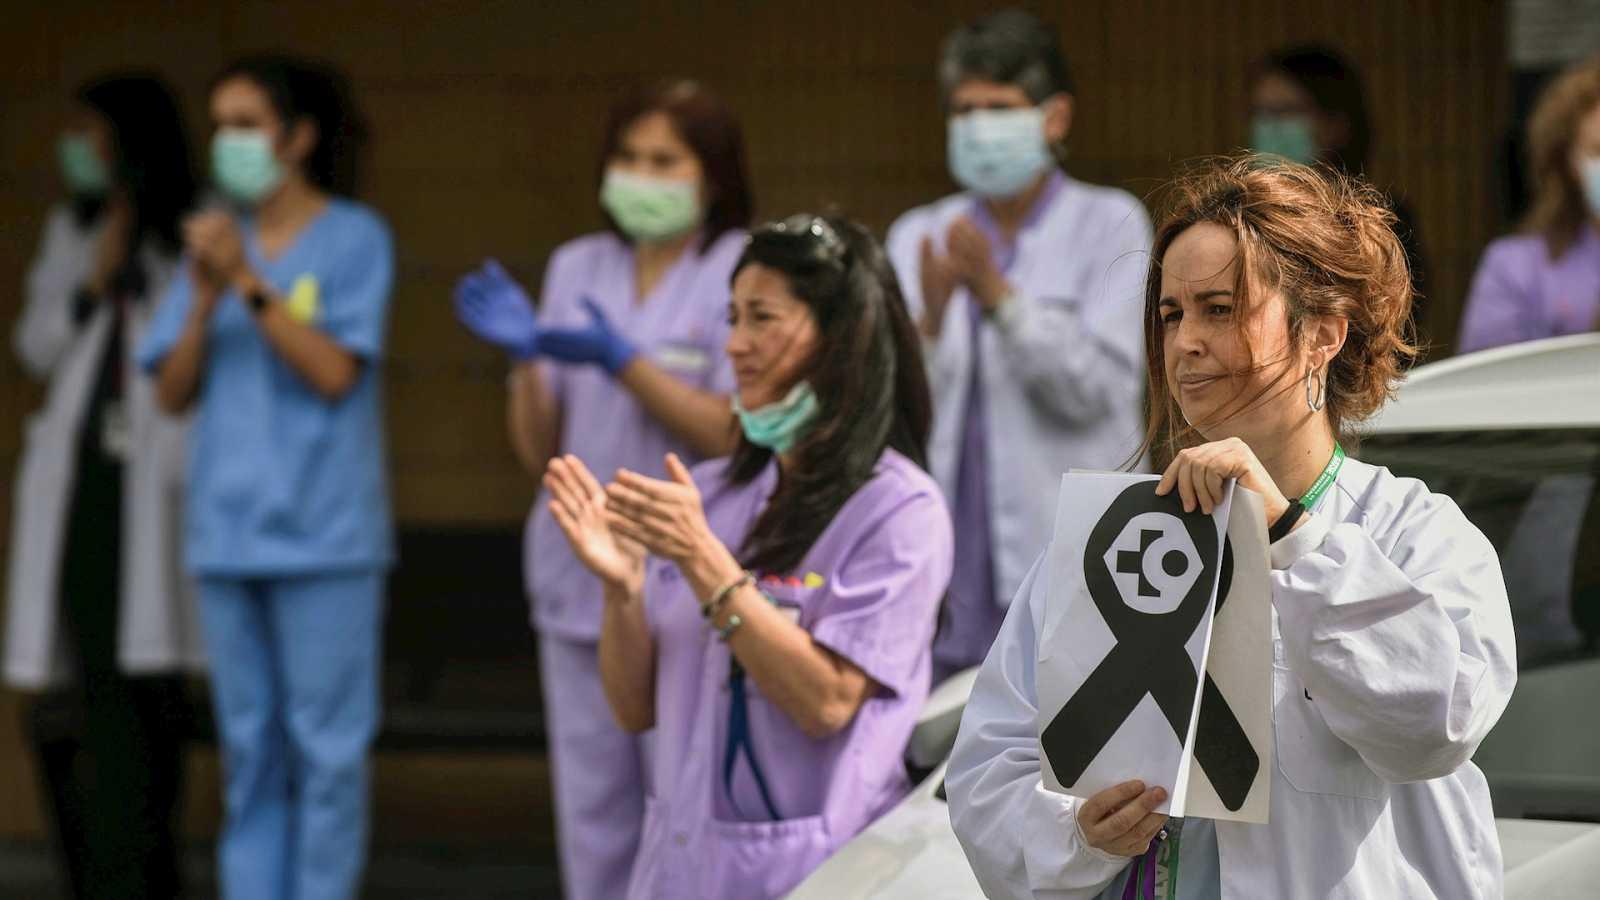 Parlamento - Radio 5 - La pandemia castiga duramente al sistema sanitario español y sus profesionales - Escuchar ahora